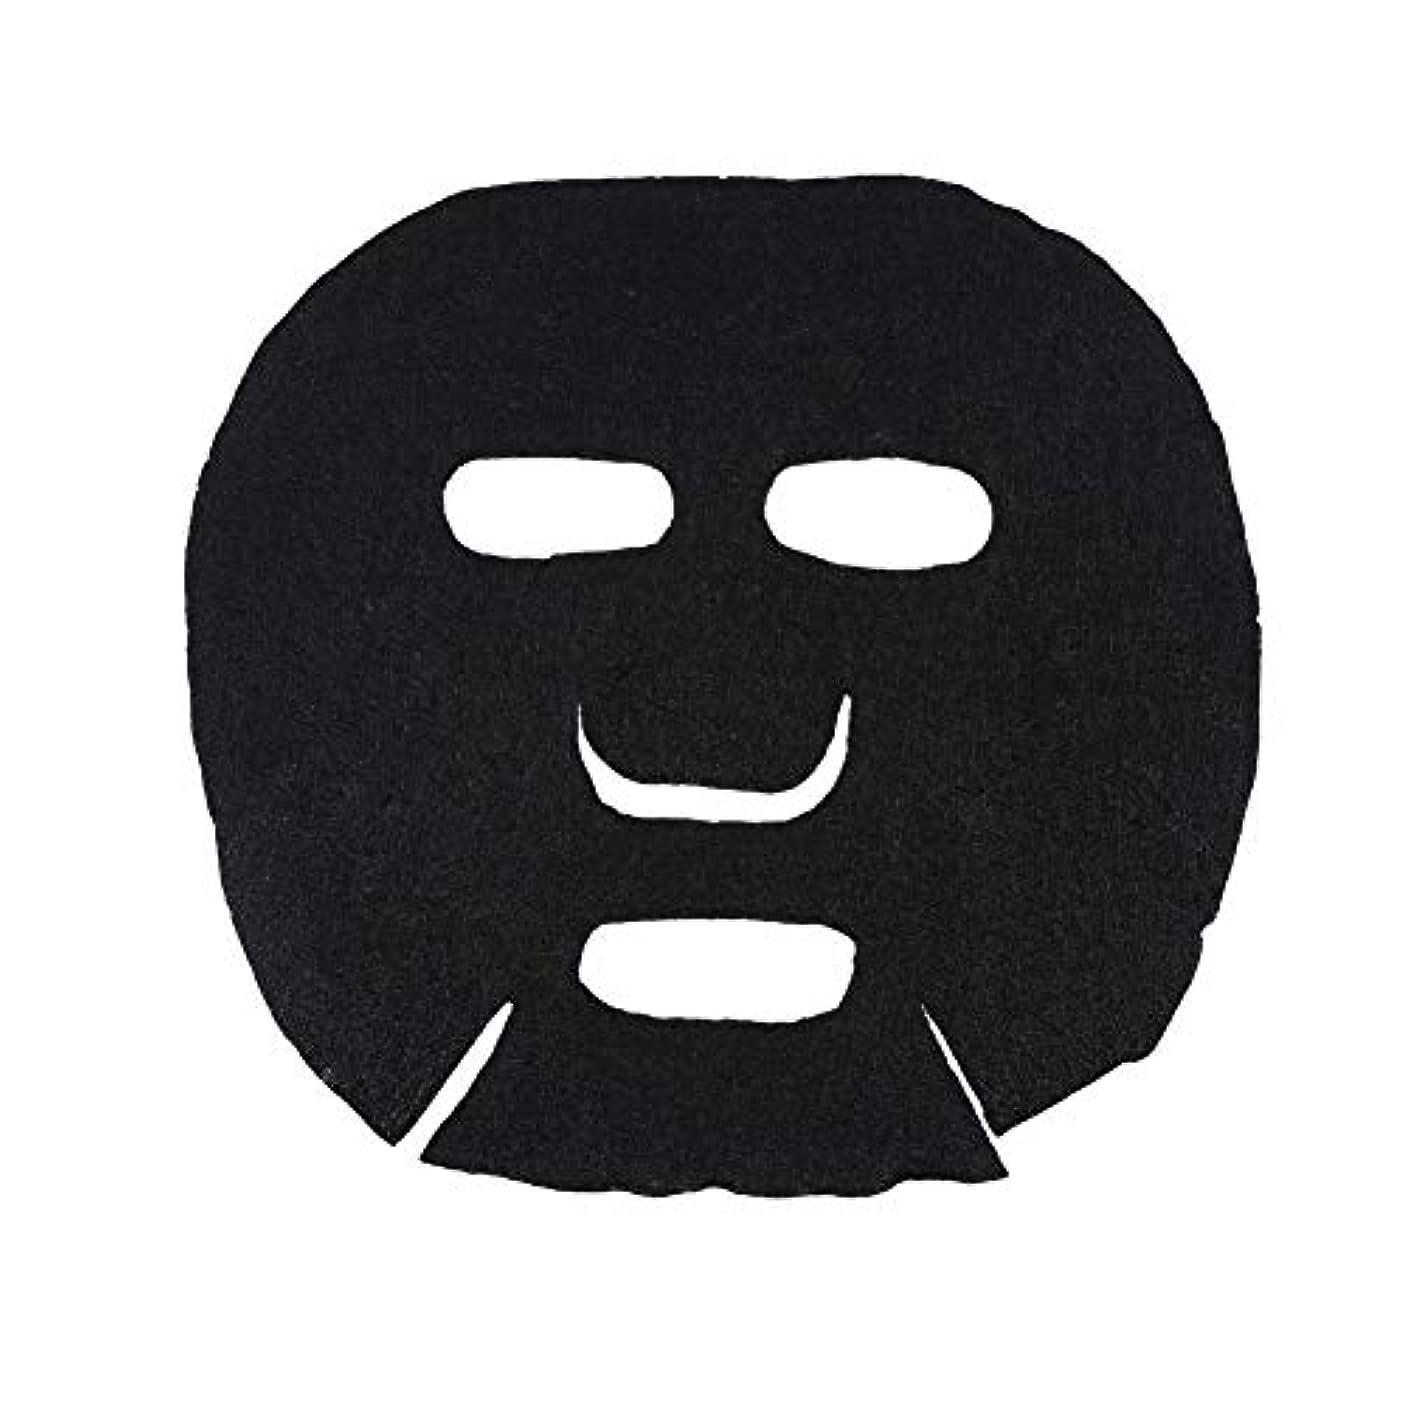 大通り弾丸続ける30Pcs / 40Pcsマスク紙、マスク紙綿、スキンフェイスケアDIYフェイシャルペーパーコンプレスマスクマスクナチュラルコットンスキンケアマスクDIYシートマスク(30pcs)